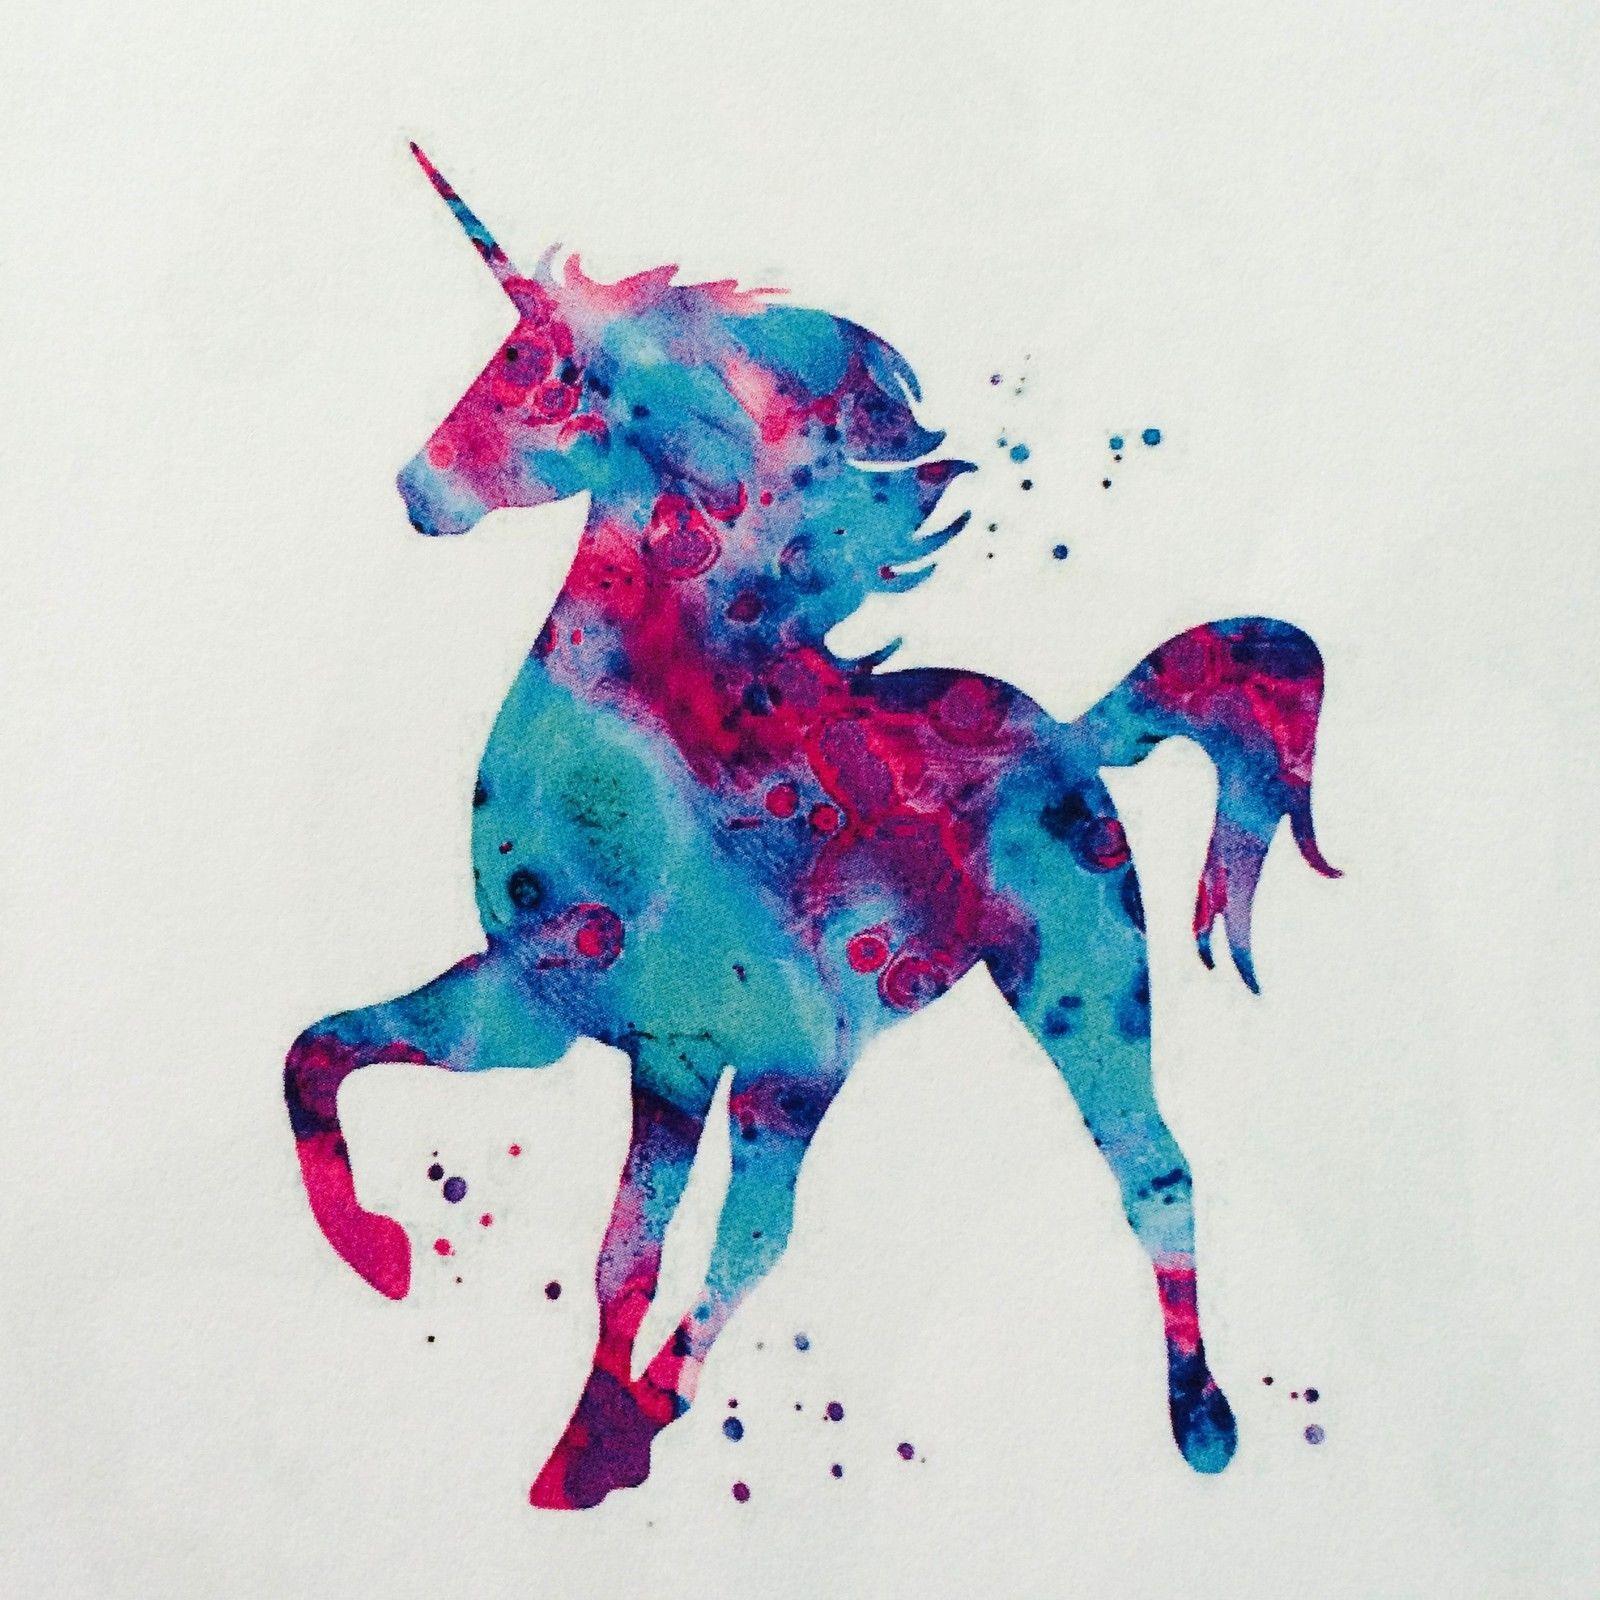 1 Bugelbild Einhorn Helle Transferfolie Applikation Rosalies Vintage Shabb Animal Art Rainbow Unicorn Drawings